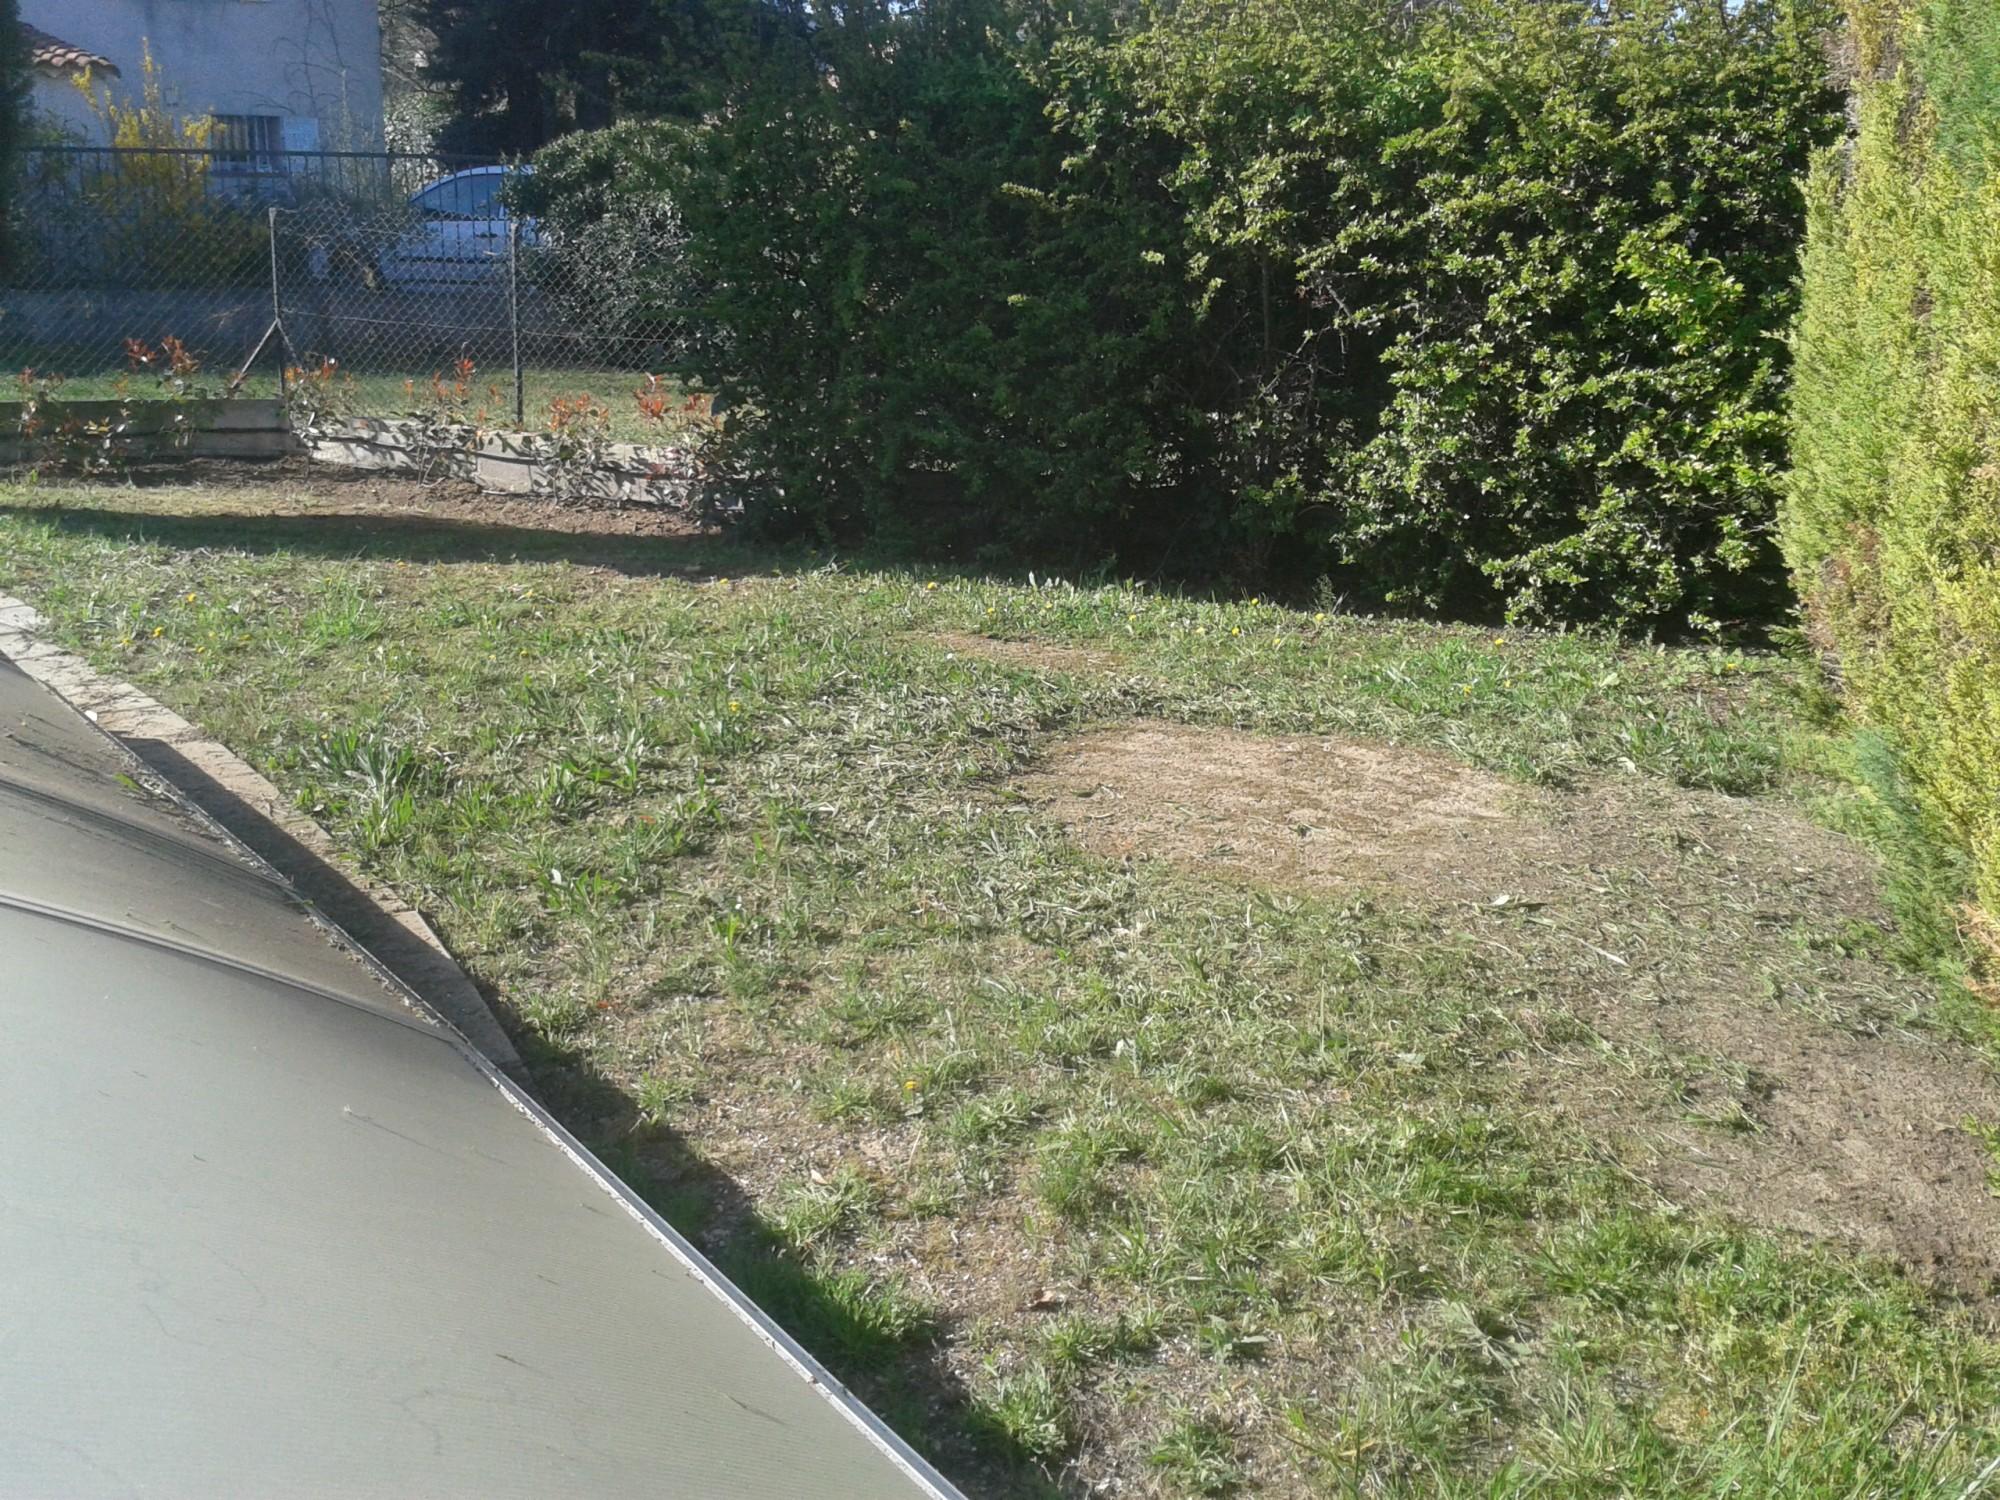 Terrain avant la mise en place du gazon synthétique